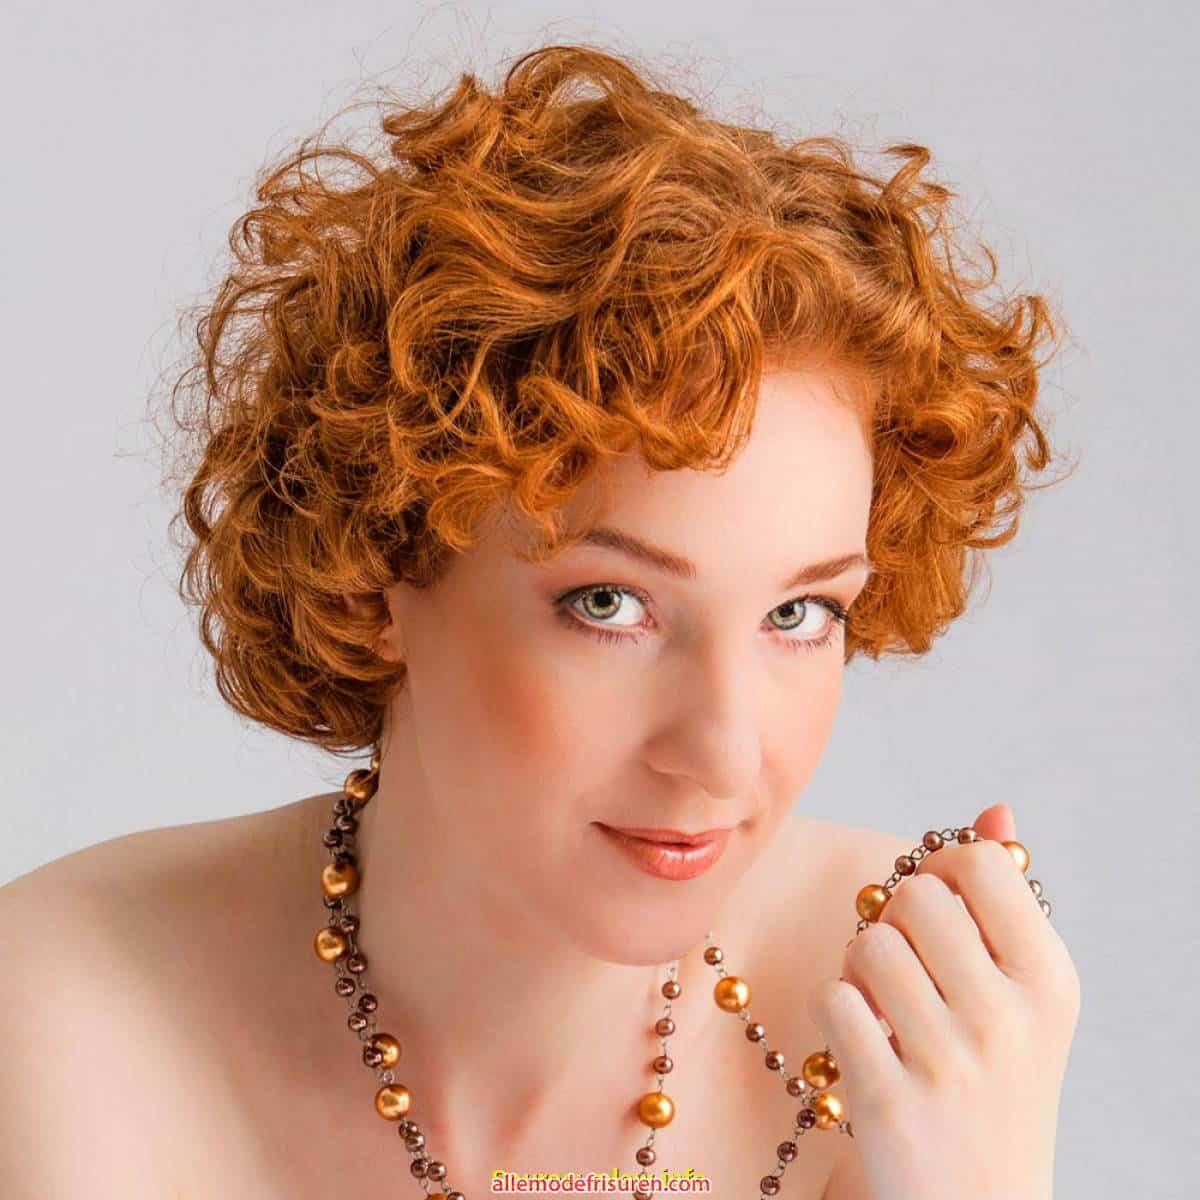 intensive hoehepunkte ikonischen look prominente 6 - Edgy Möglichkeiten, mit Highlights für die Wiederbelebung Ihre Kurzen Haare